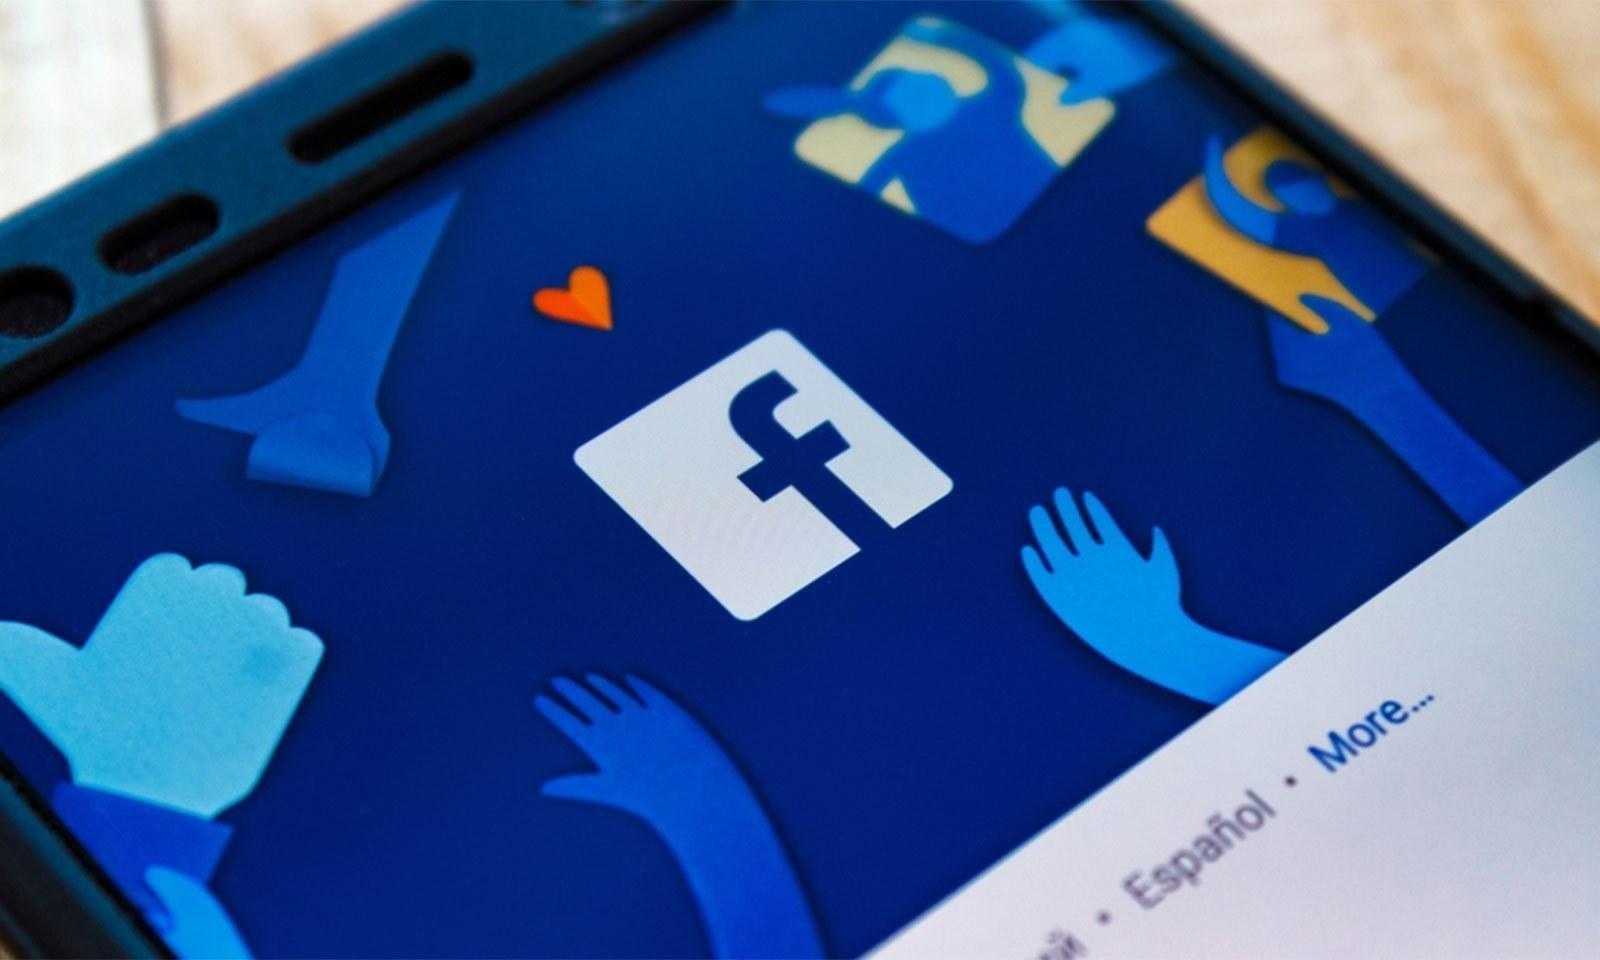 فیس بک میں سرچ فیچر کو زیادہ بہتر کردیا گیا